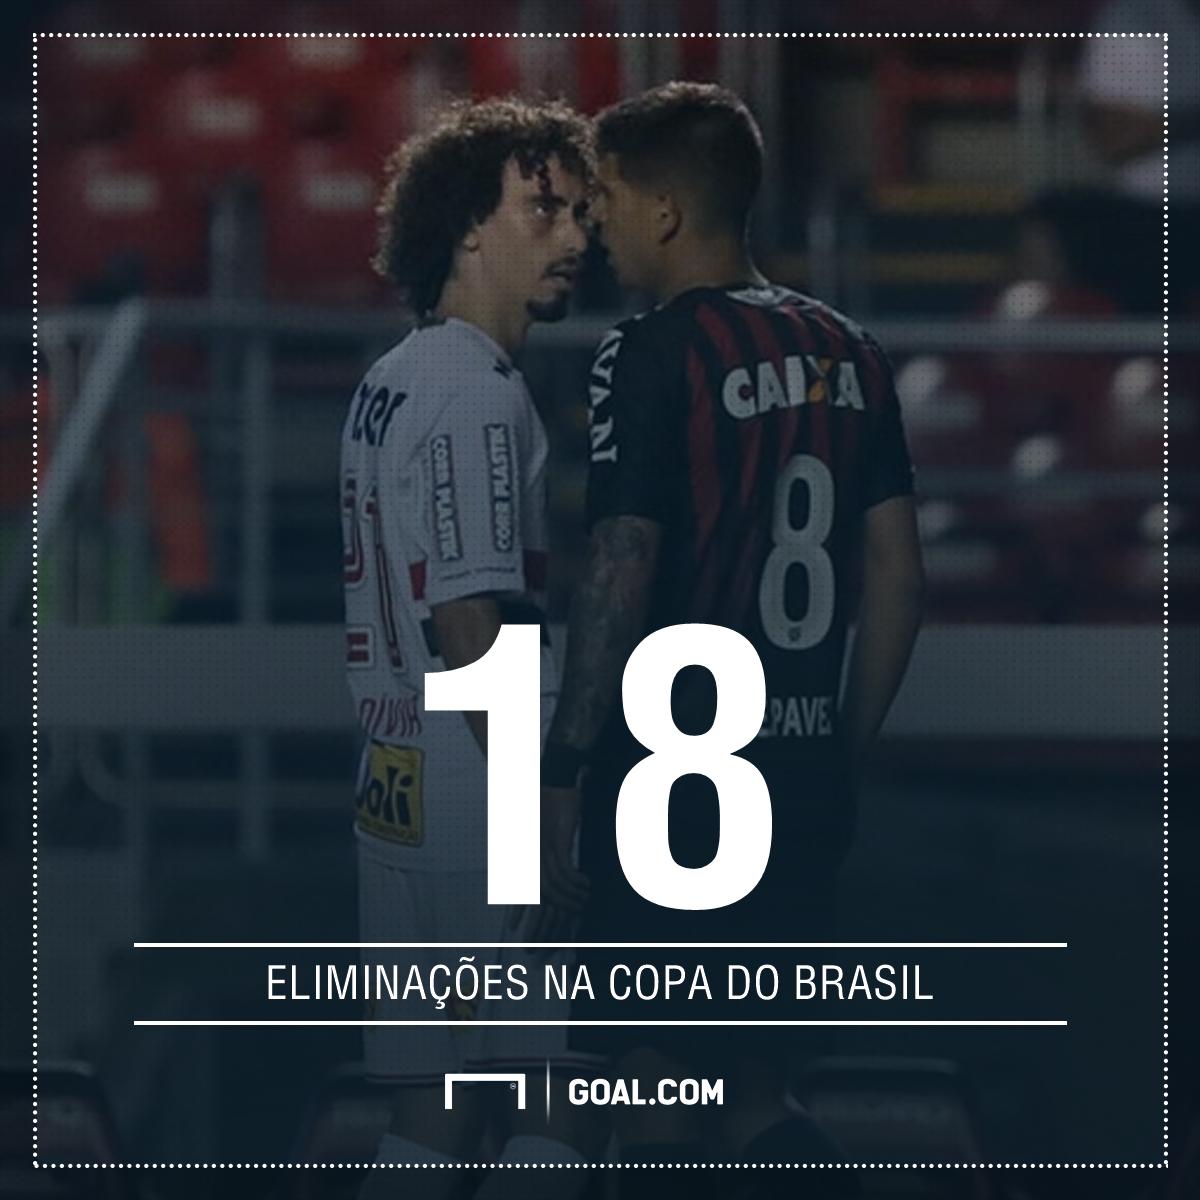 São Paulo - Eliminações Copa do Brasil